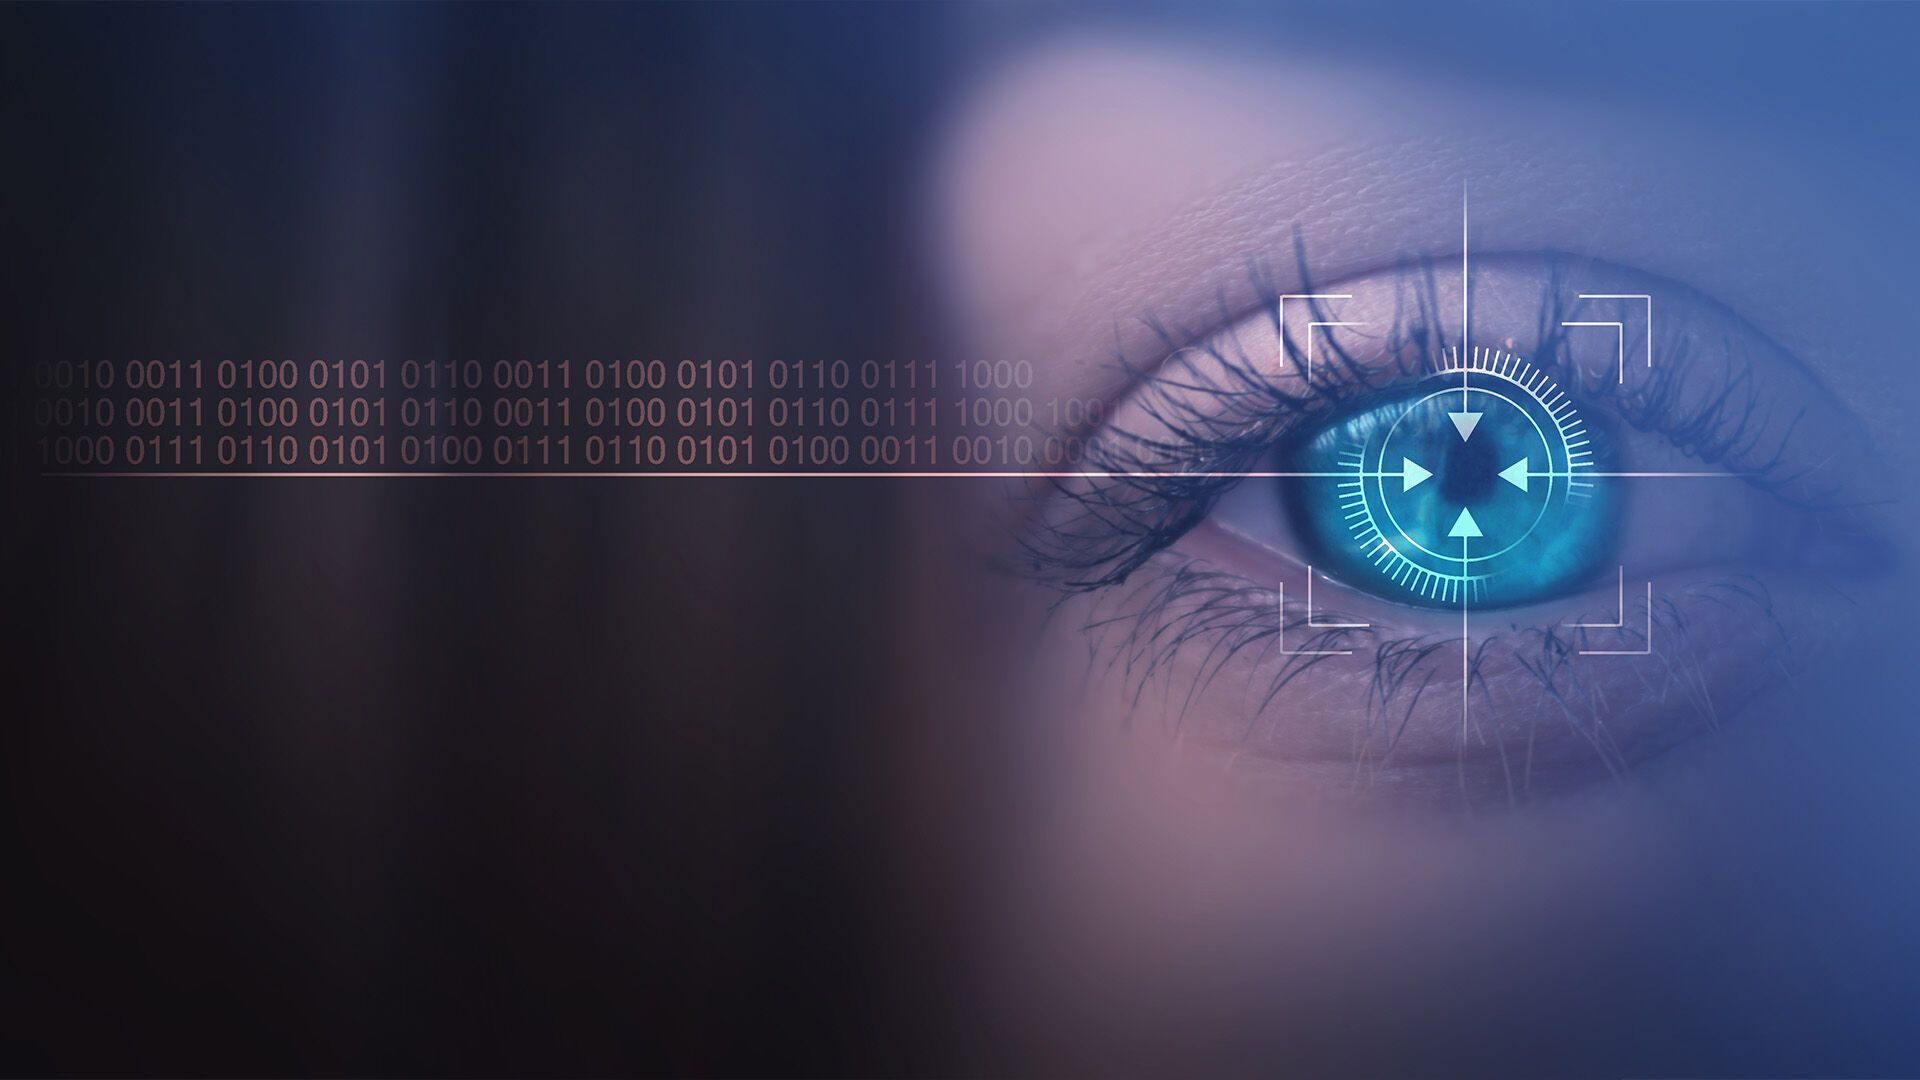 Silmänpohjan muutokset näkyvät OCT rakennekuvauksessa